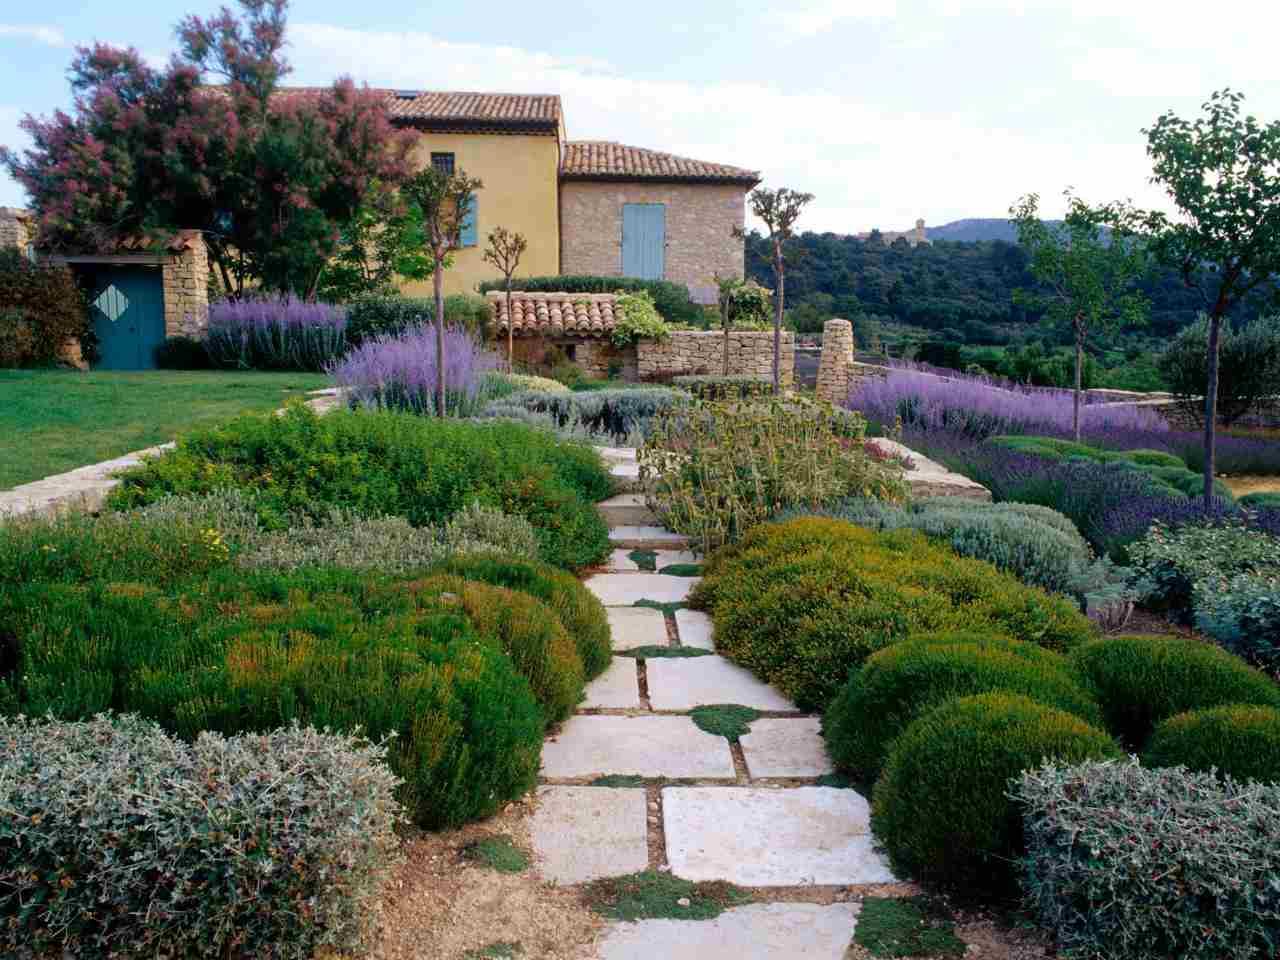 mediterraner garten beispiele gartenideen blumen duftpflanzen, Garten und erstellen